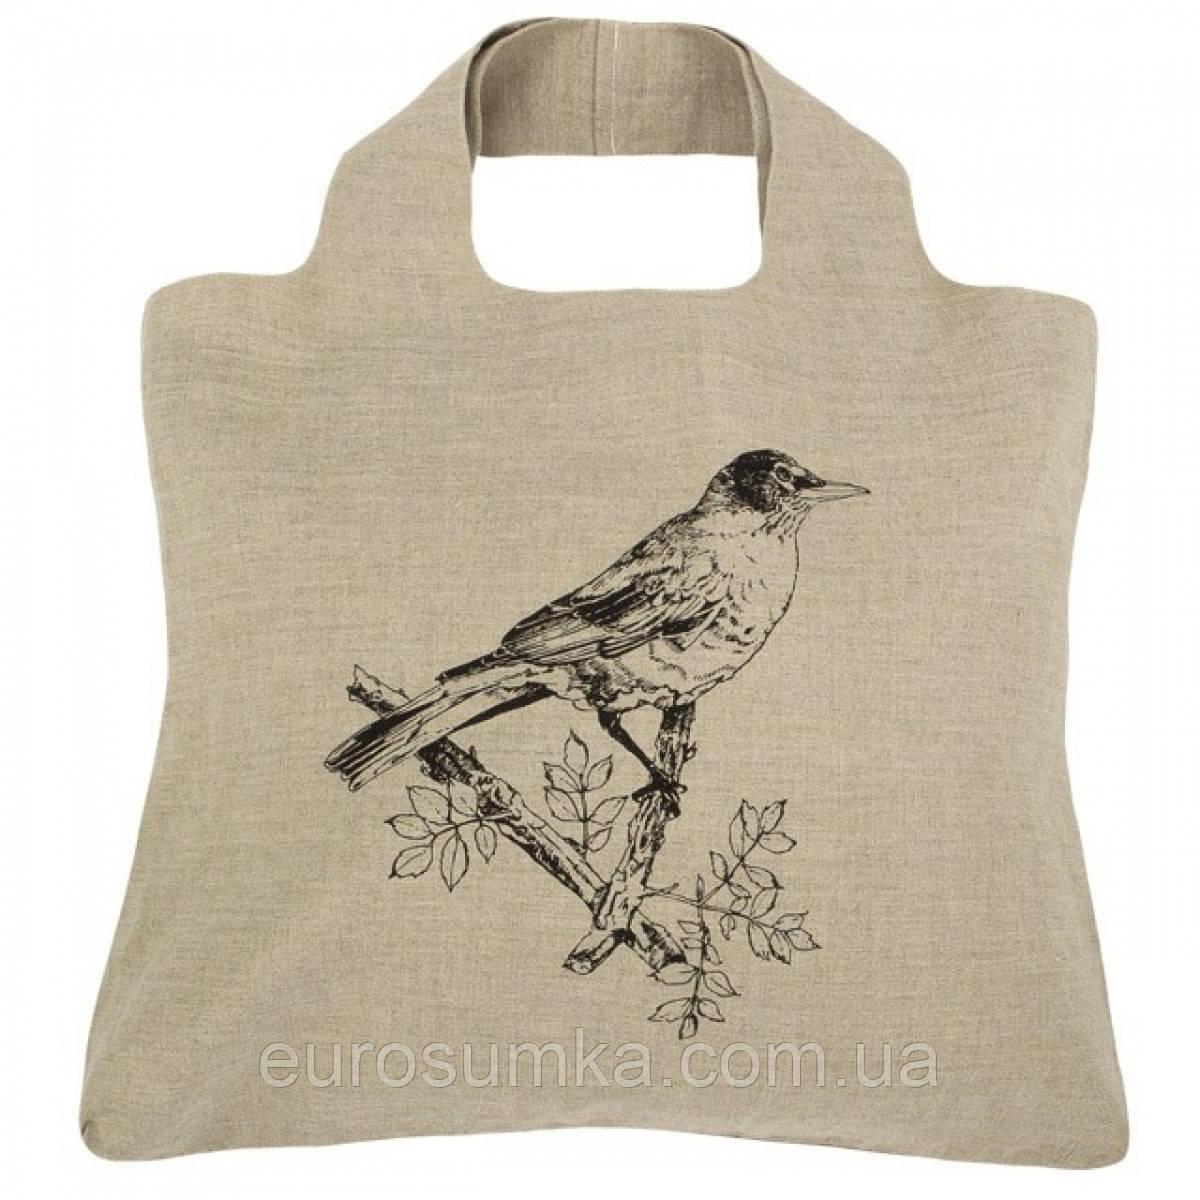 Промо сумки с логотипом. Промо сумки на заказ, цена 35 грн., купить ... a0b17e665b9